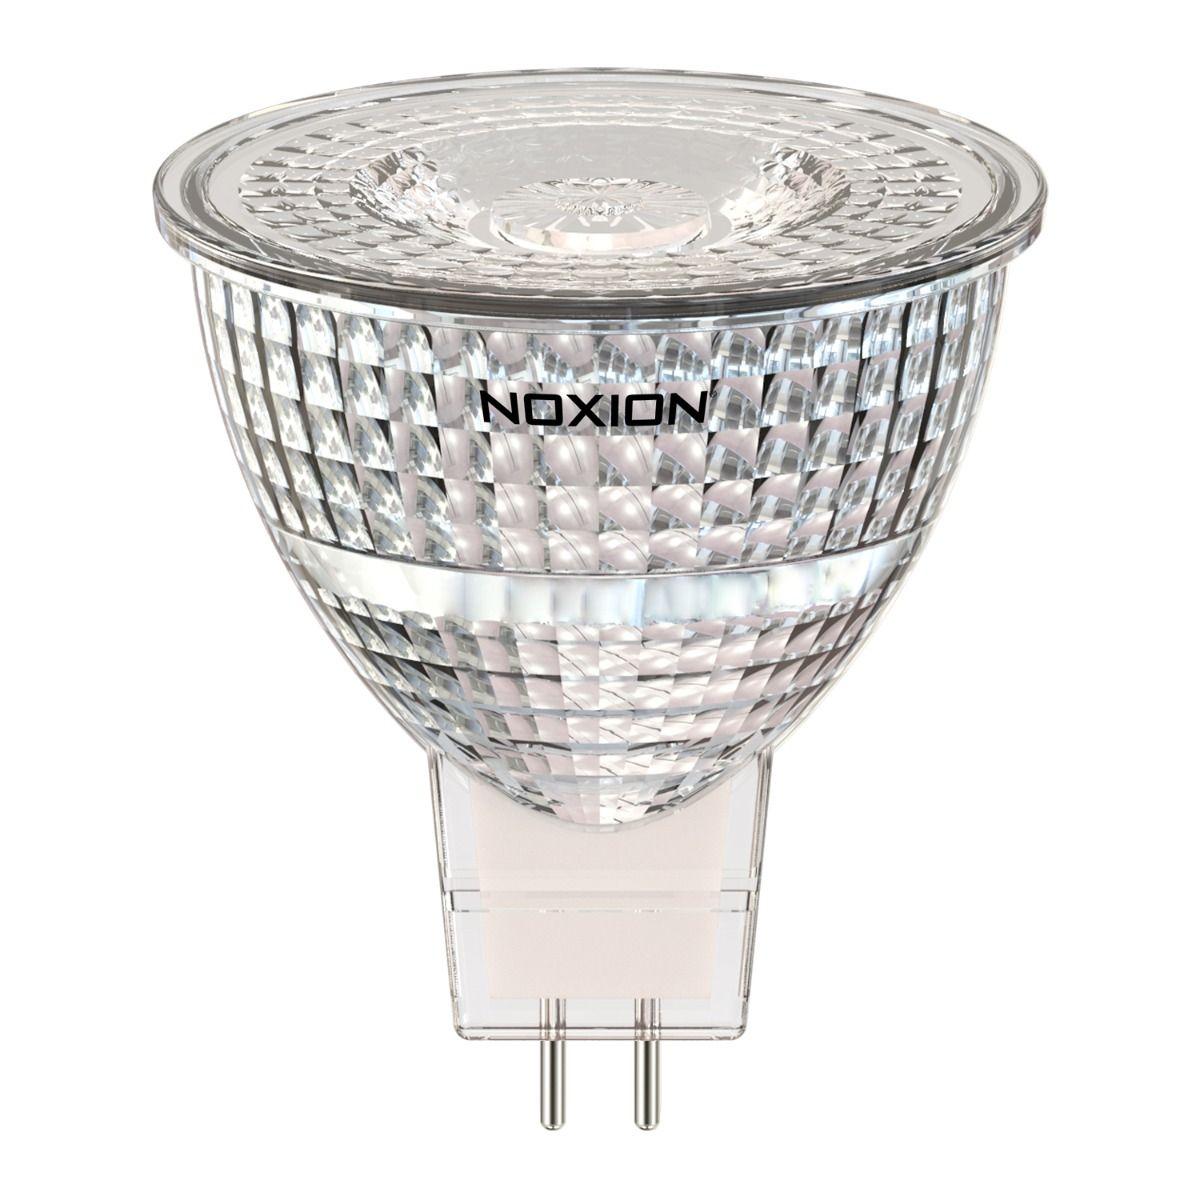 Noxion LED Spot GU5.3 7.8W 827 36D 730lm | Bardzo Ciepła Biel - Zamienne 50W